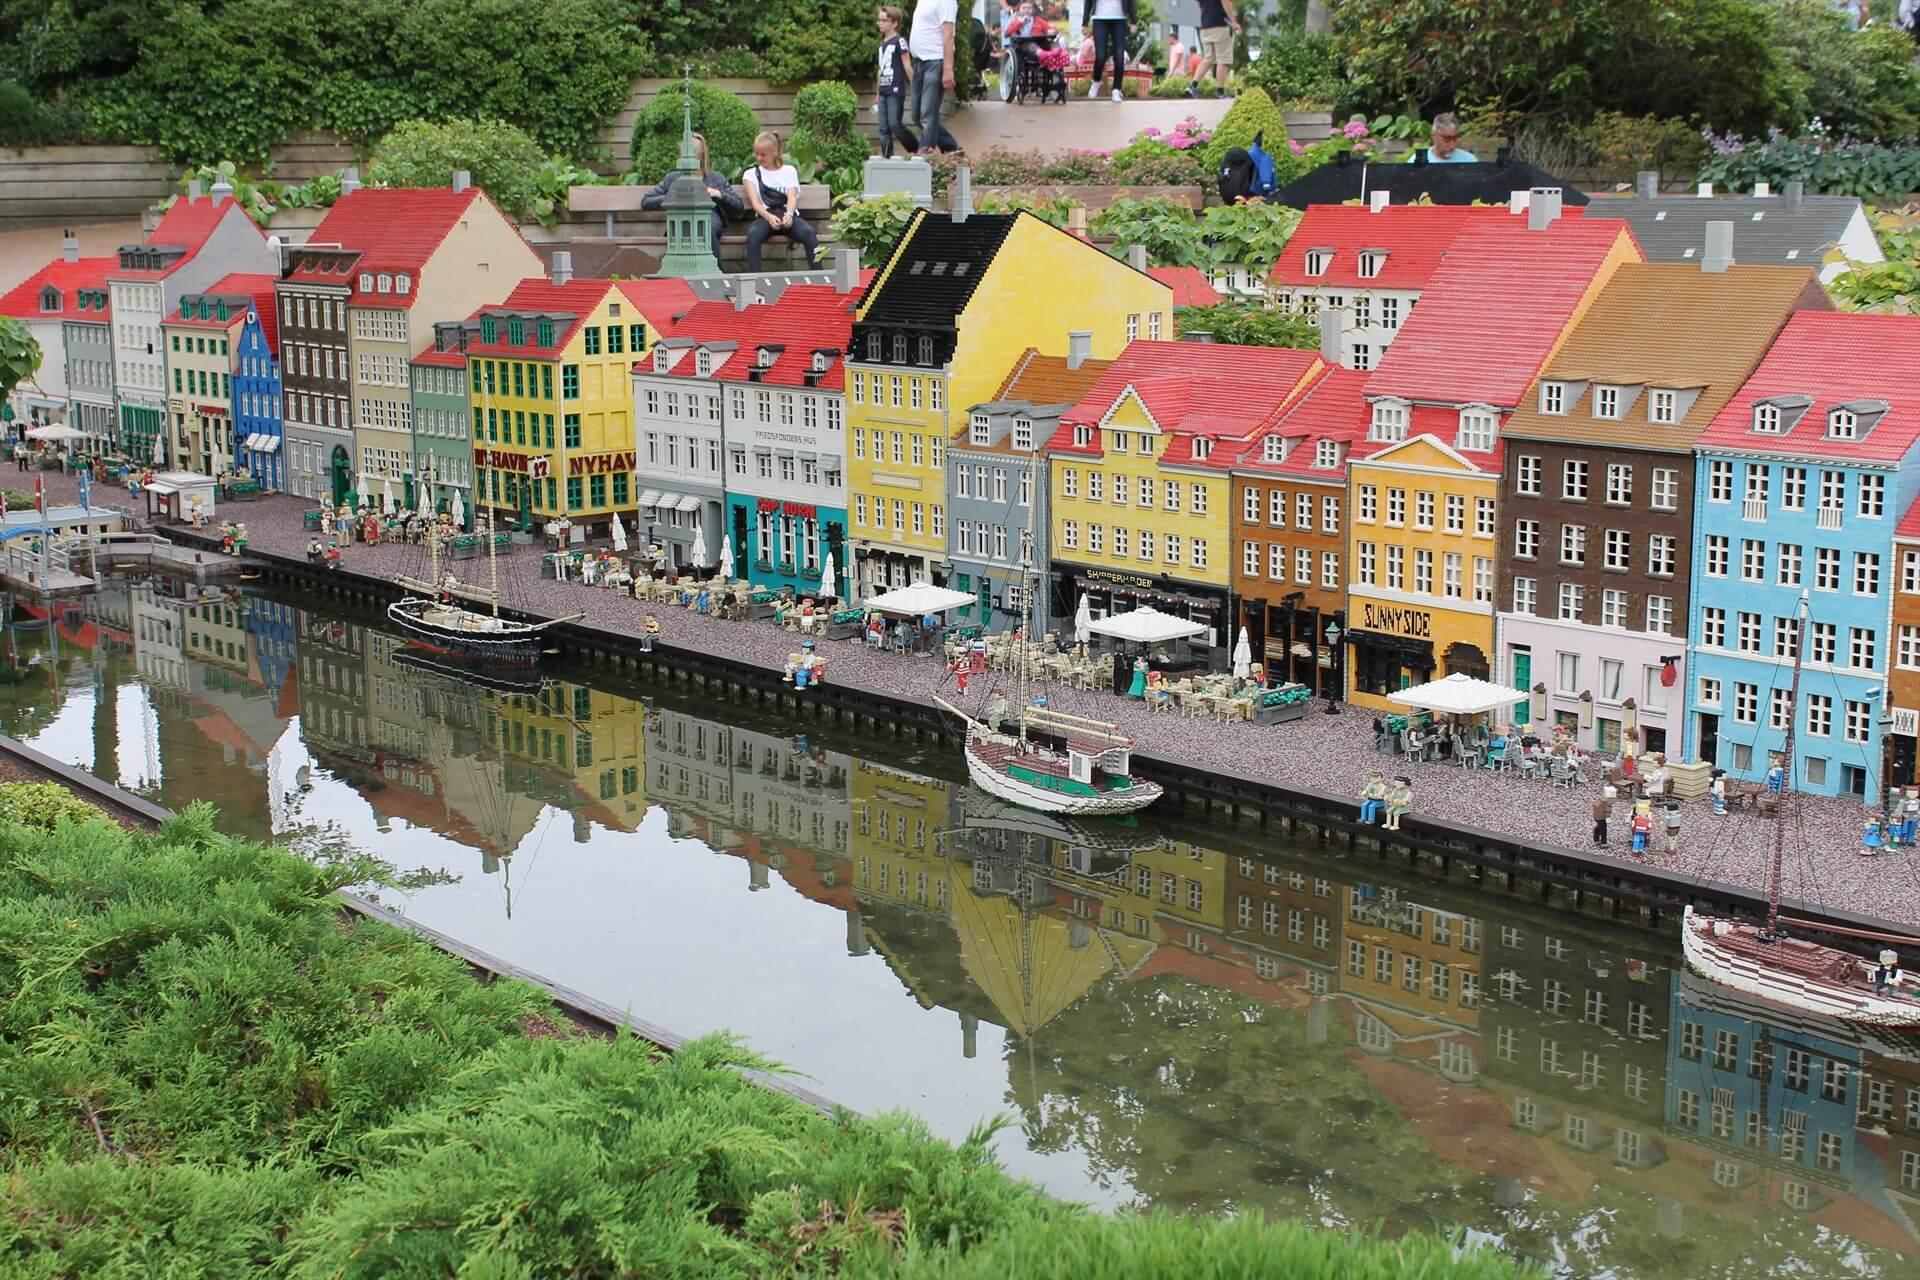 Обзор отеля леголенд в германии (feriendorf legoland) — отзывы туристов, описание, расположение, фото